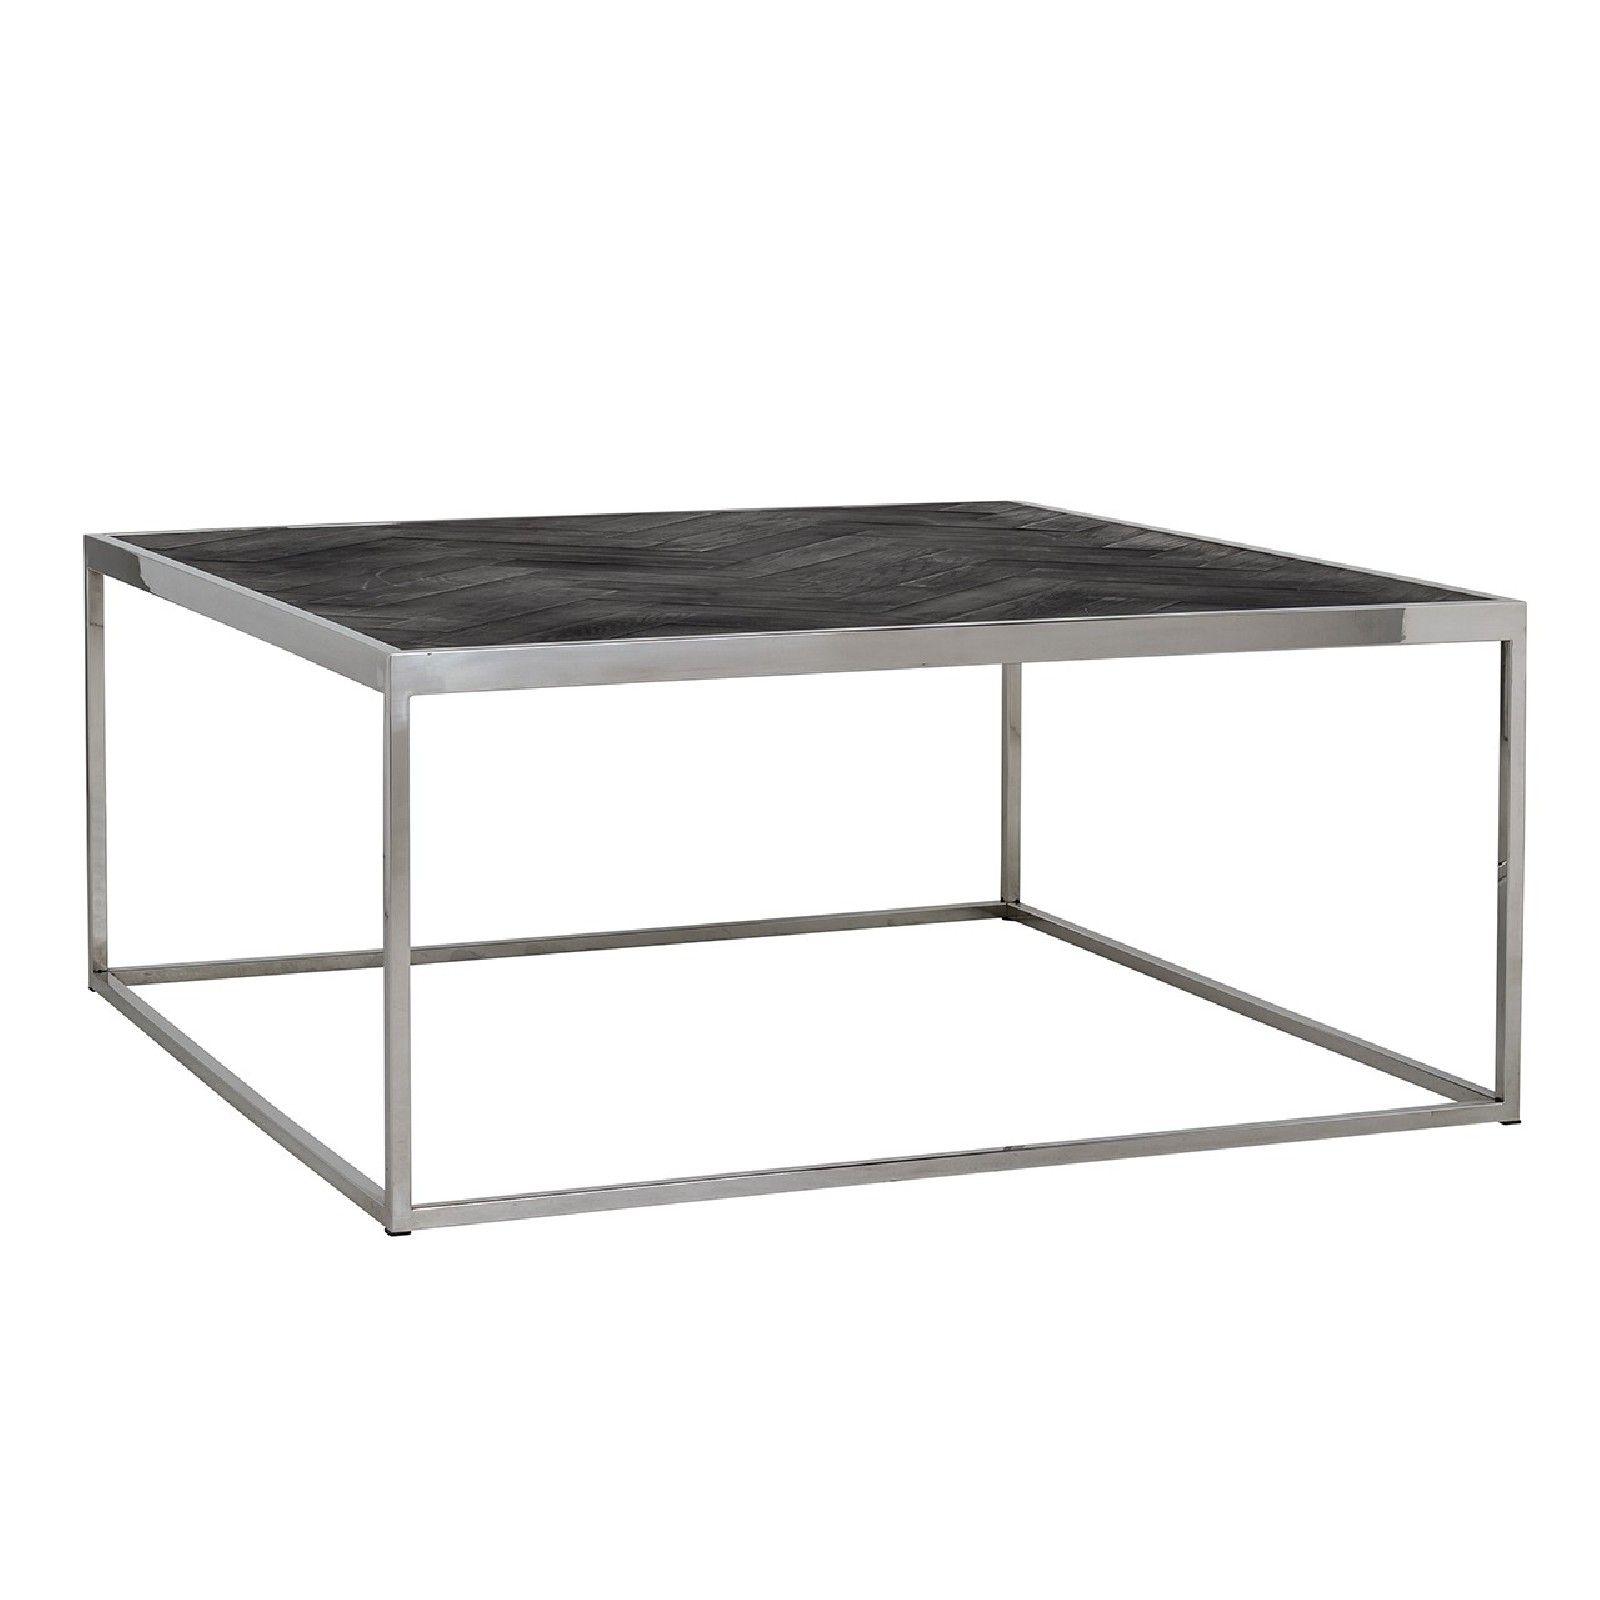 Table de salon Blackbone silver 90x90 Tables basses rectangulaires - 96